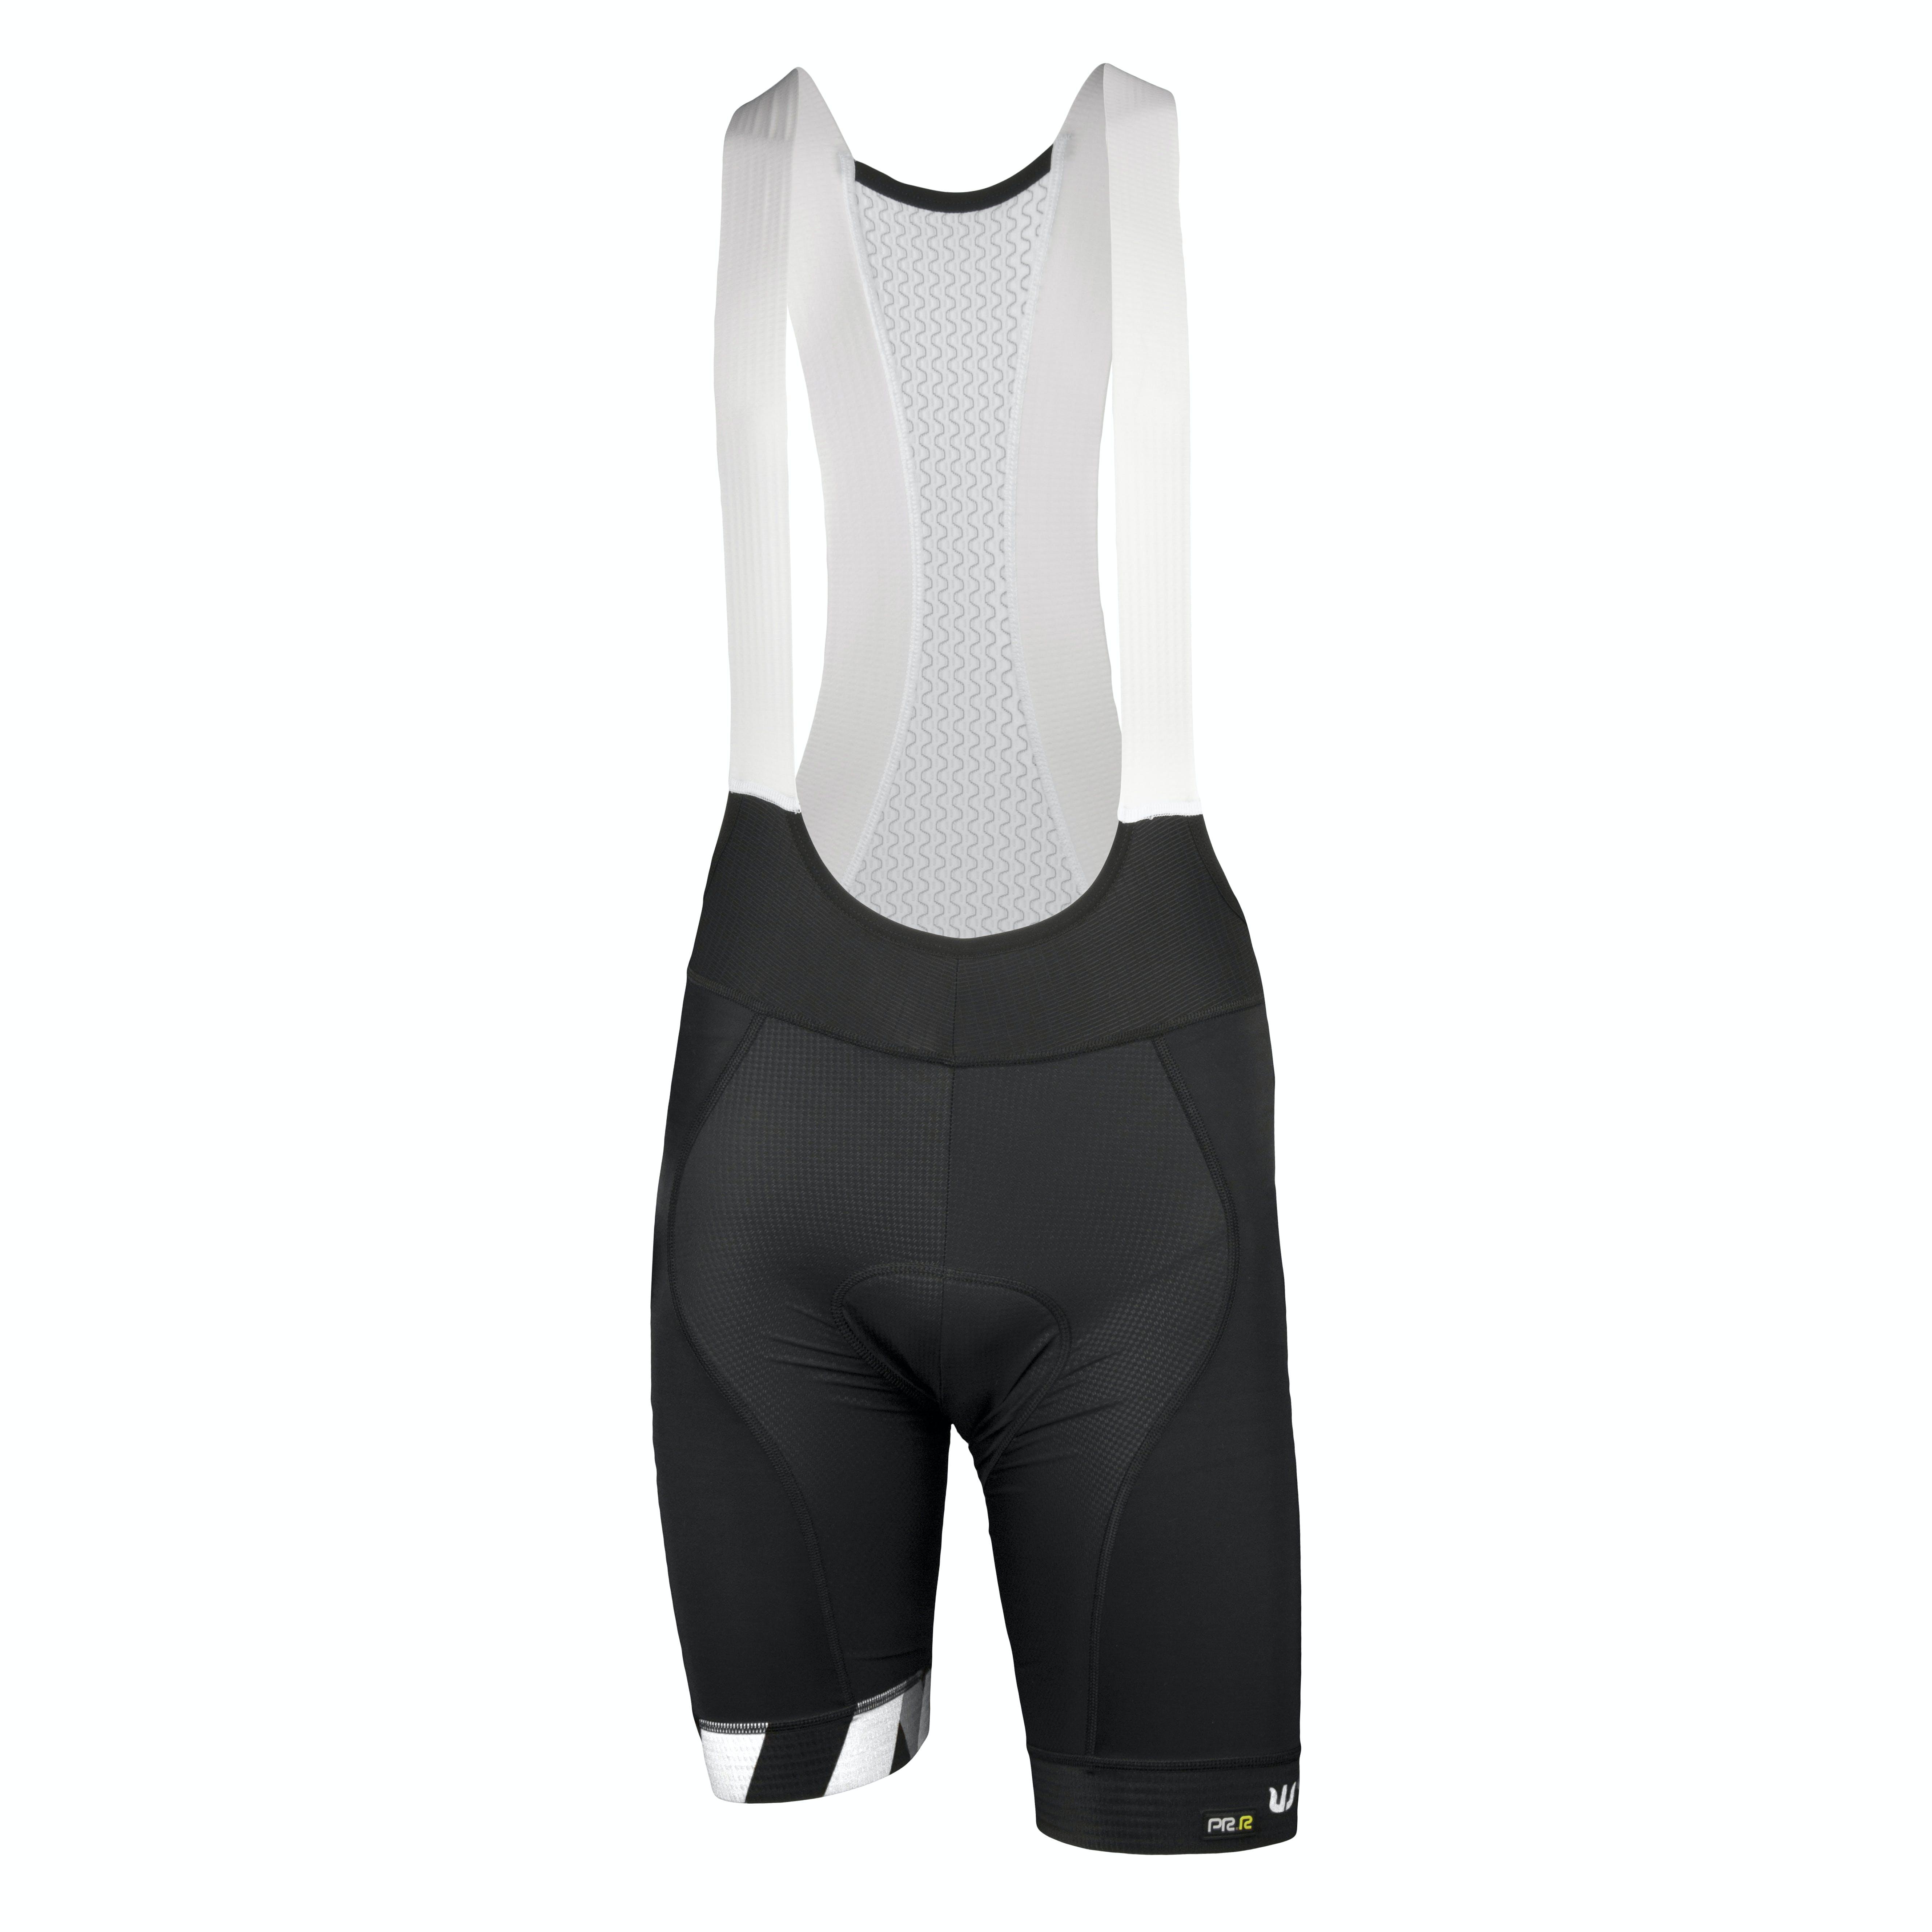 WINN Bib Shorts